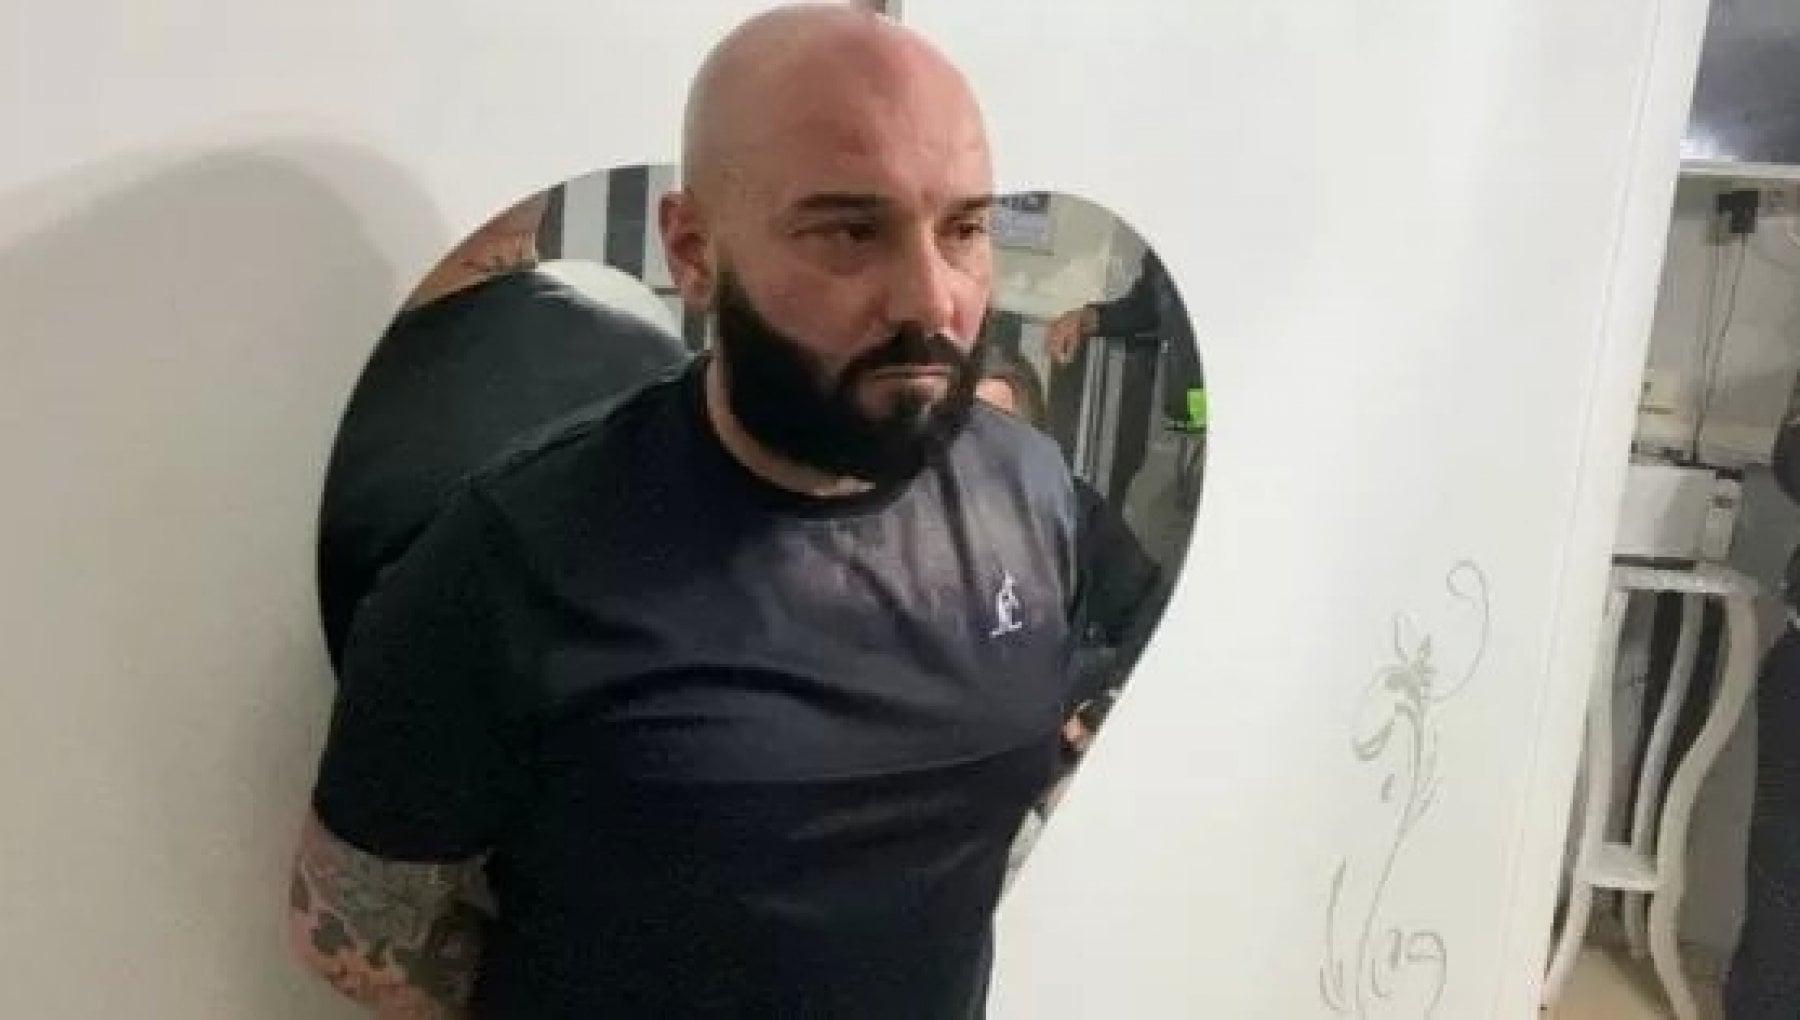 Napoli agguato nella notte ucciso il padre di Luigi Caiafa il 17enne morto a ottobre in un conflitto a fuoco con la polizia